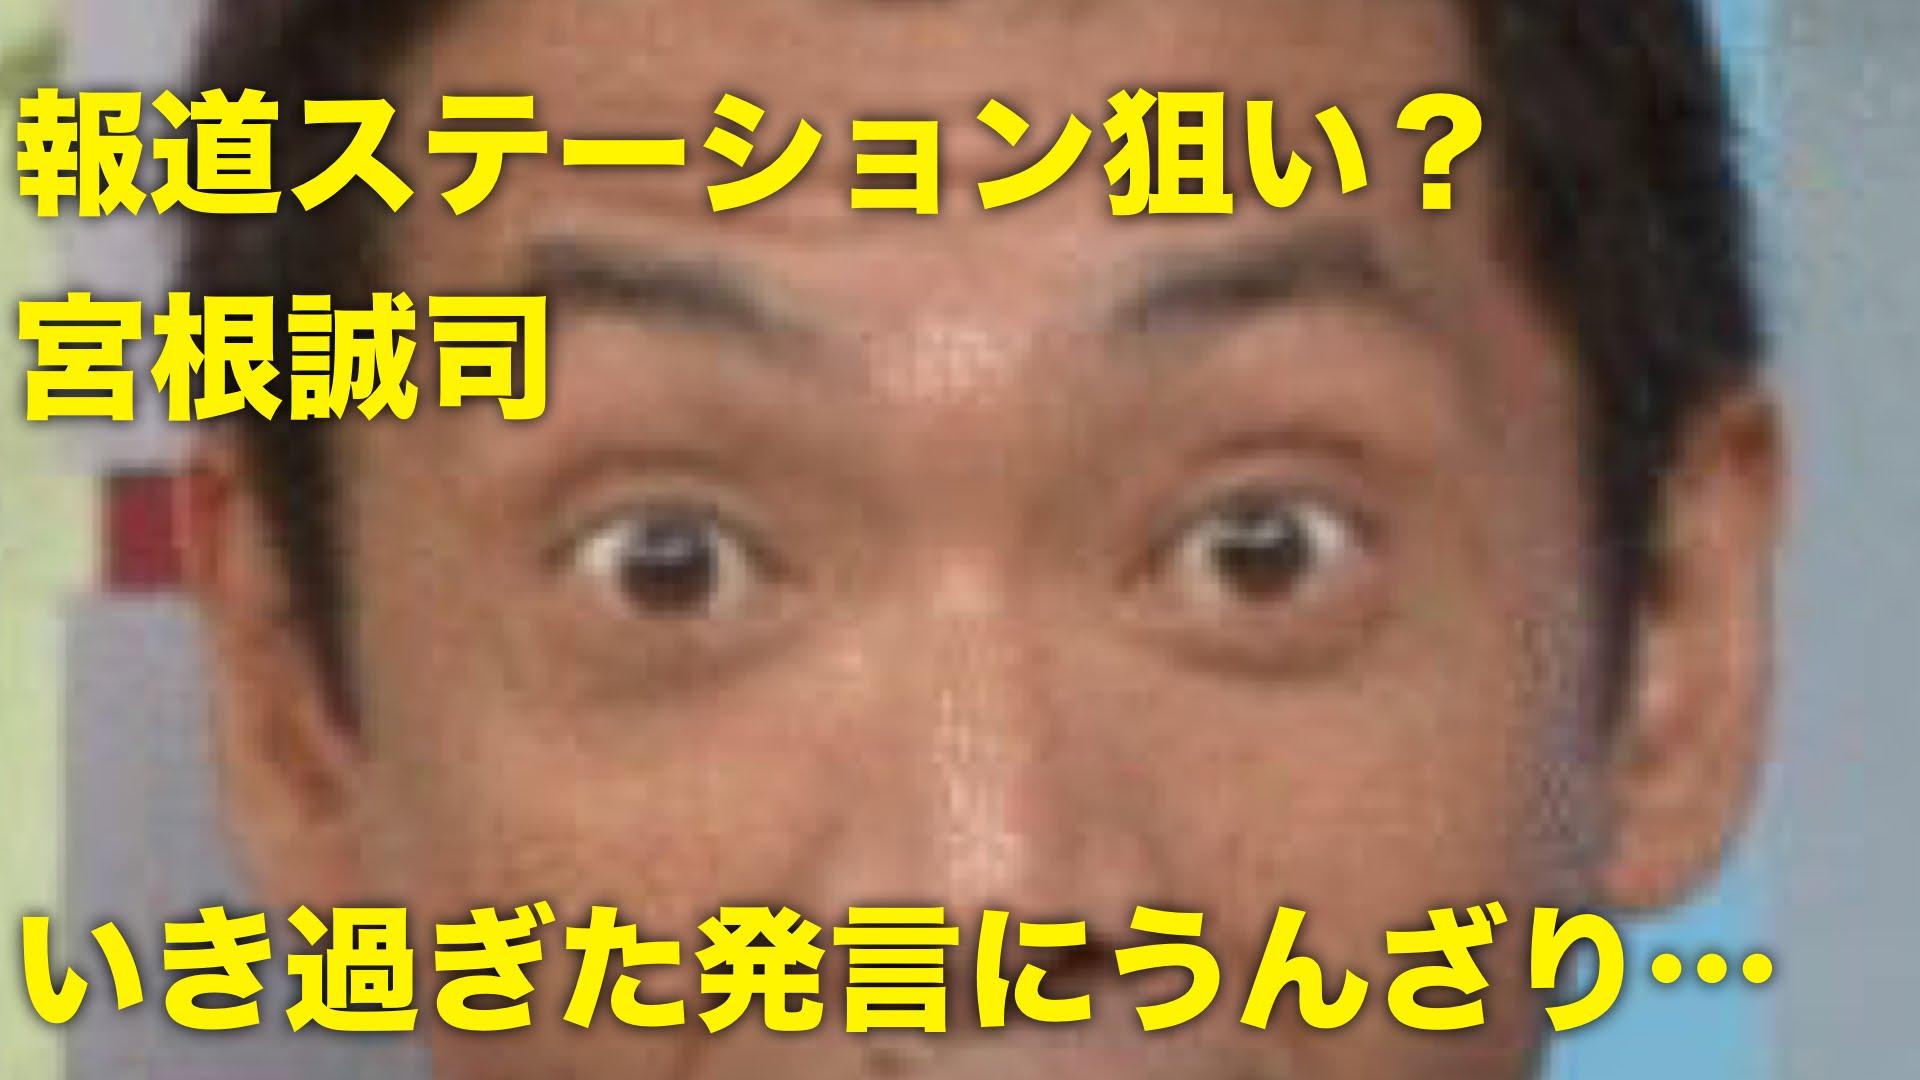 ミヤネ屋・宮根誠司『報道ステーションです』下品と横暴が売りですw